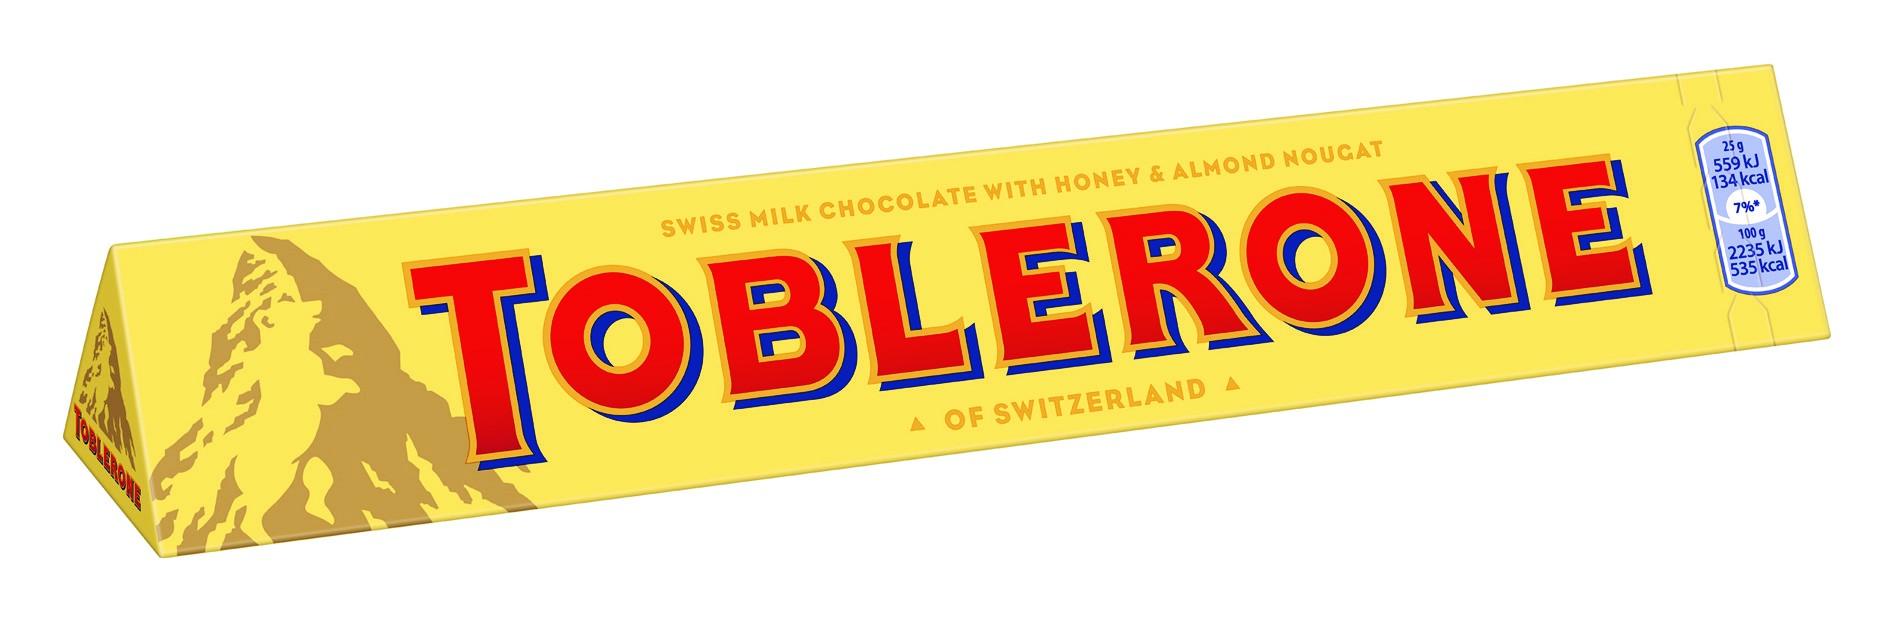 Czekolada Toblerone – słodkie uzupełnienie wielkanocnych spotkań